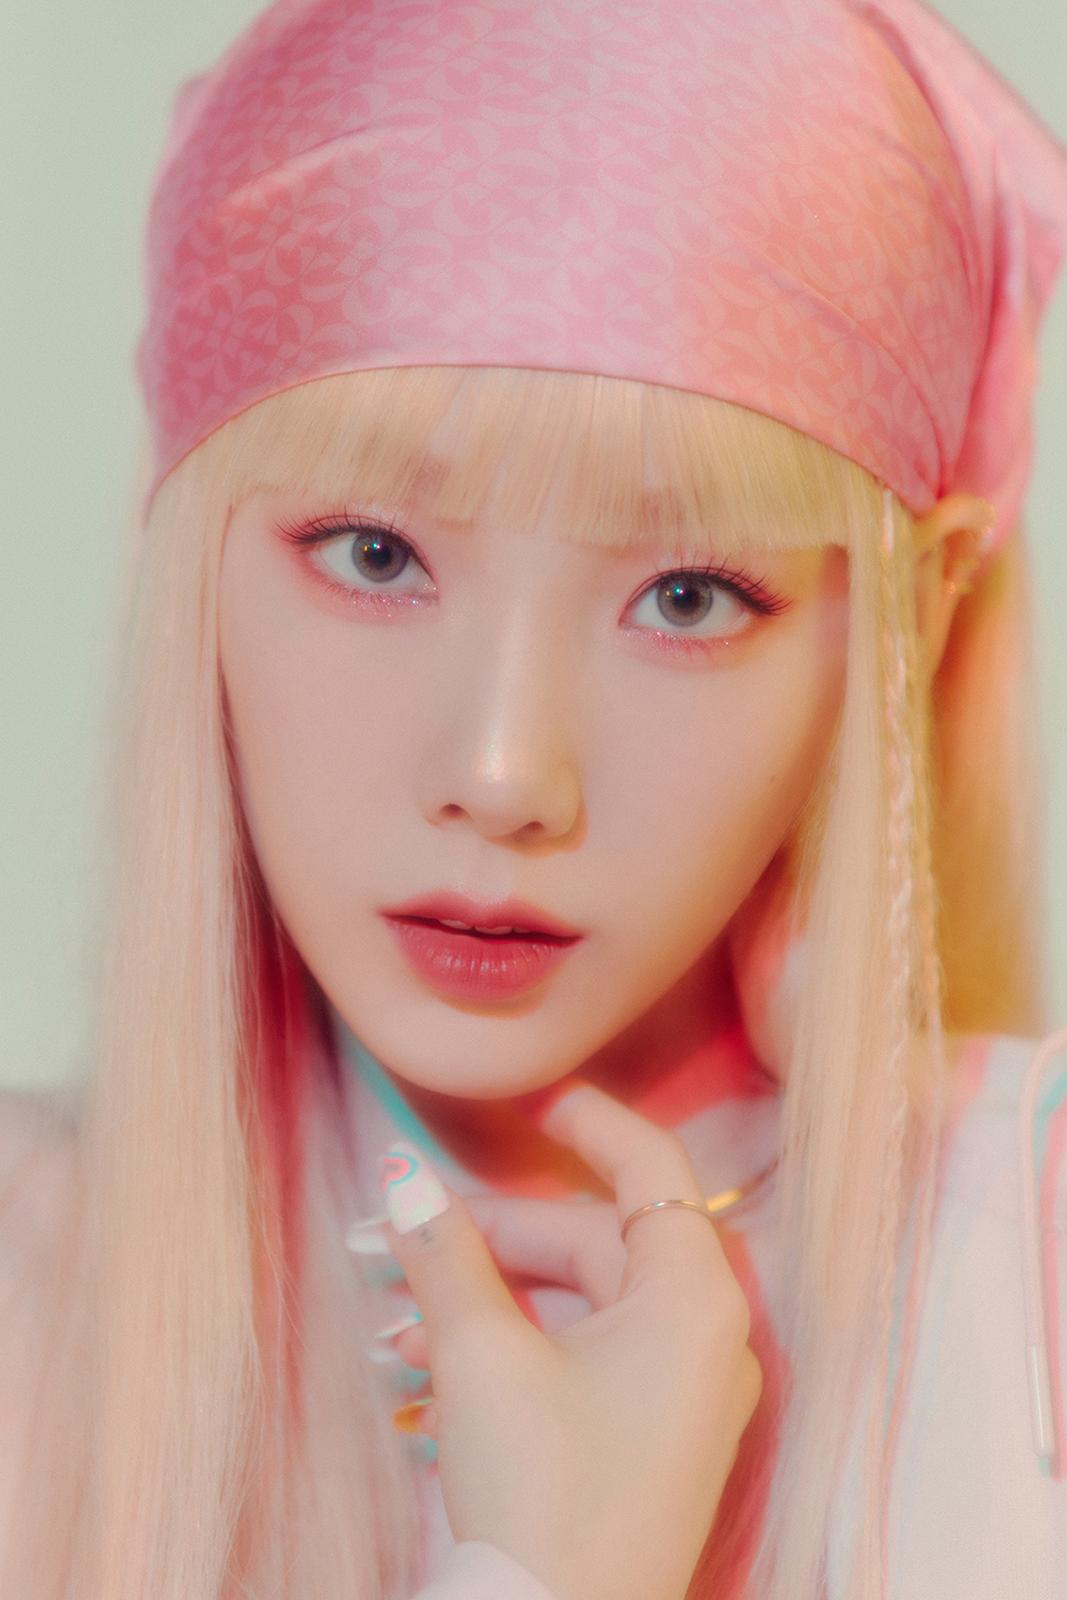 Nhìn những layout makeup đỉnh cao của Tae Yeon, netizen lại thêm trầm trồ về độ sáng tạo của đội ngũ trang điểm nhà SM. Bao nhiêu năm nay, các idol của công ty vẫn luôn có visual nổi bật nhờ được áp dụng lối trang điểm phù hợp.